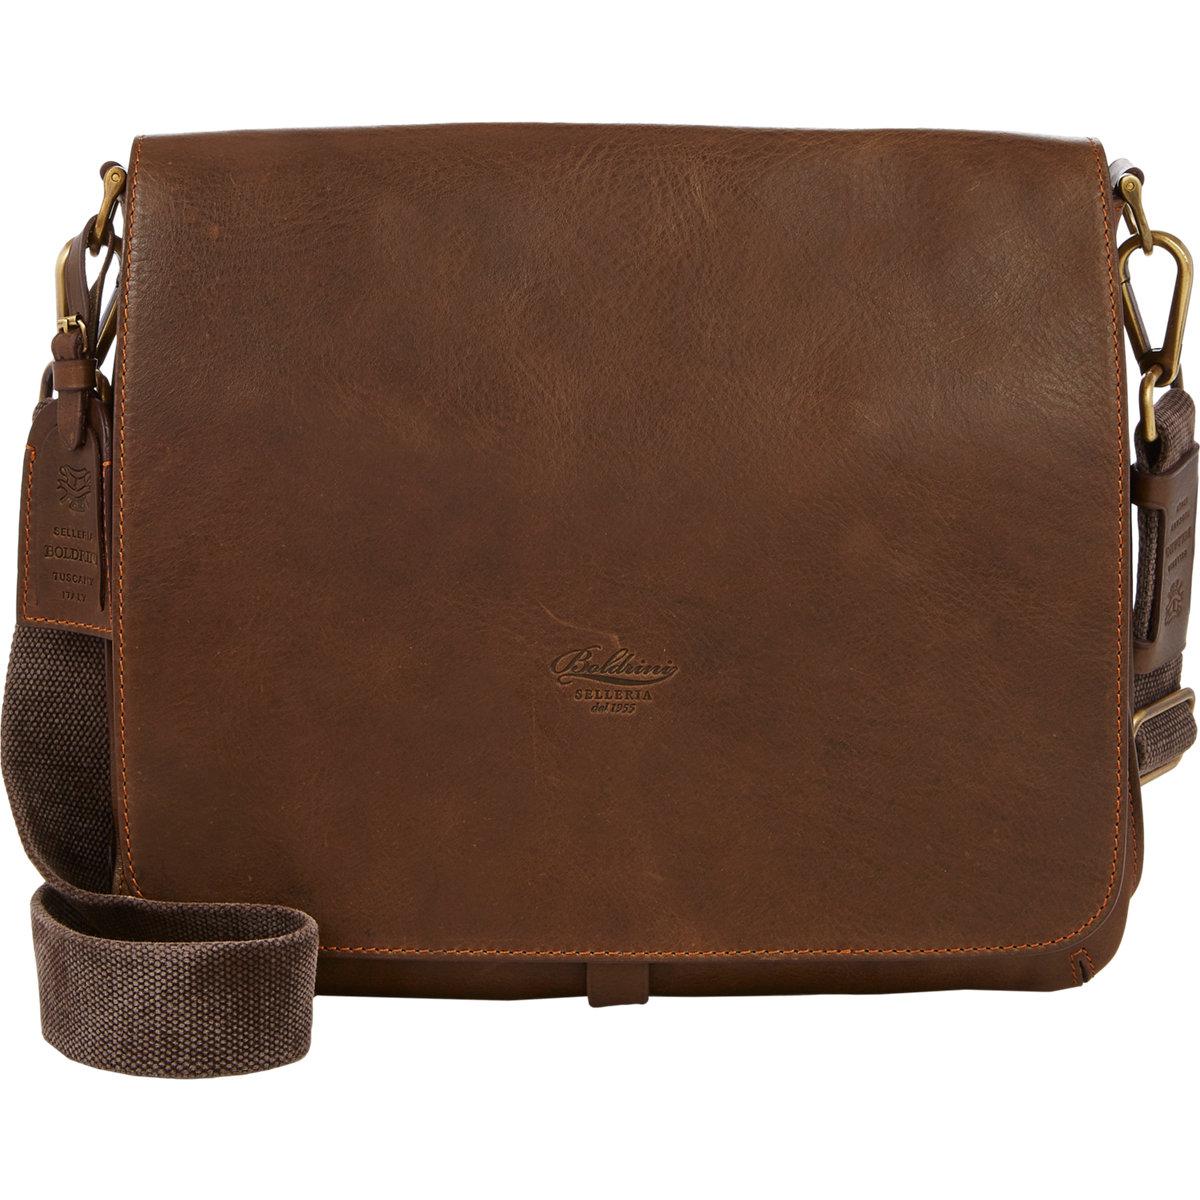 Boldrini selleria Men's Small Messenger Bag in Brown for Men | Lyst